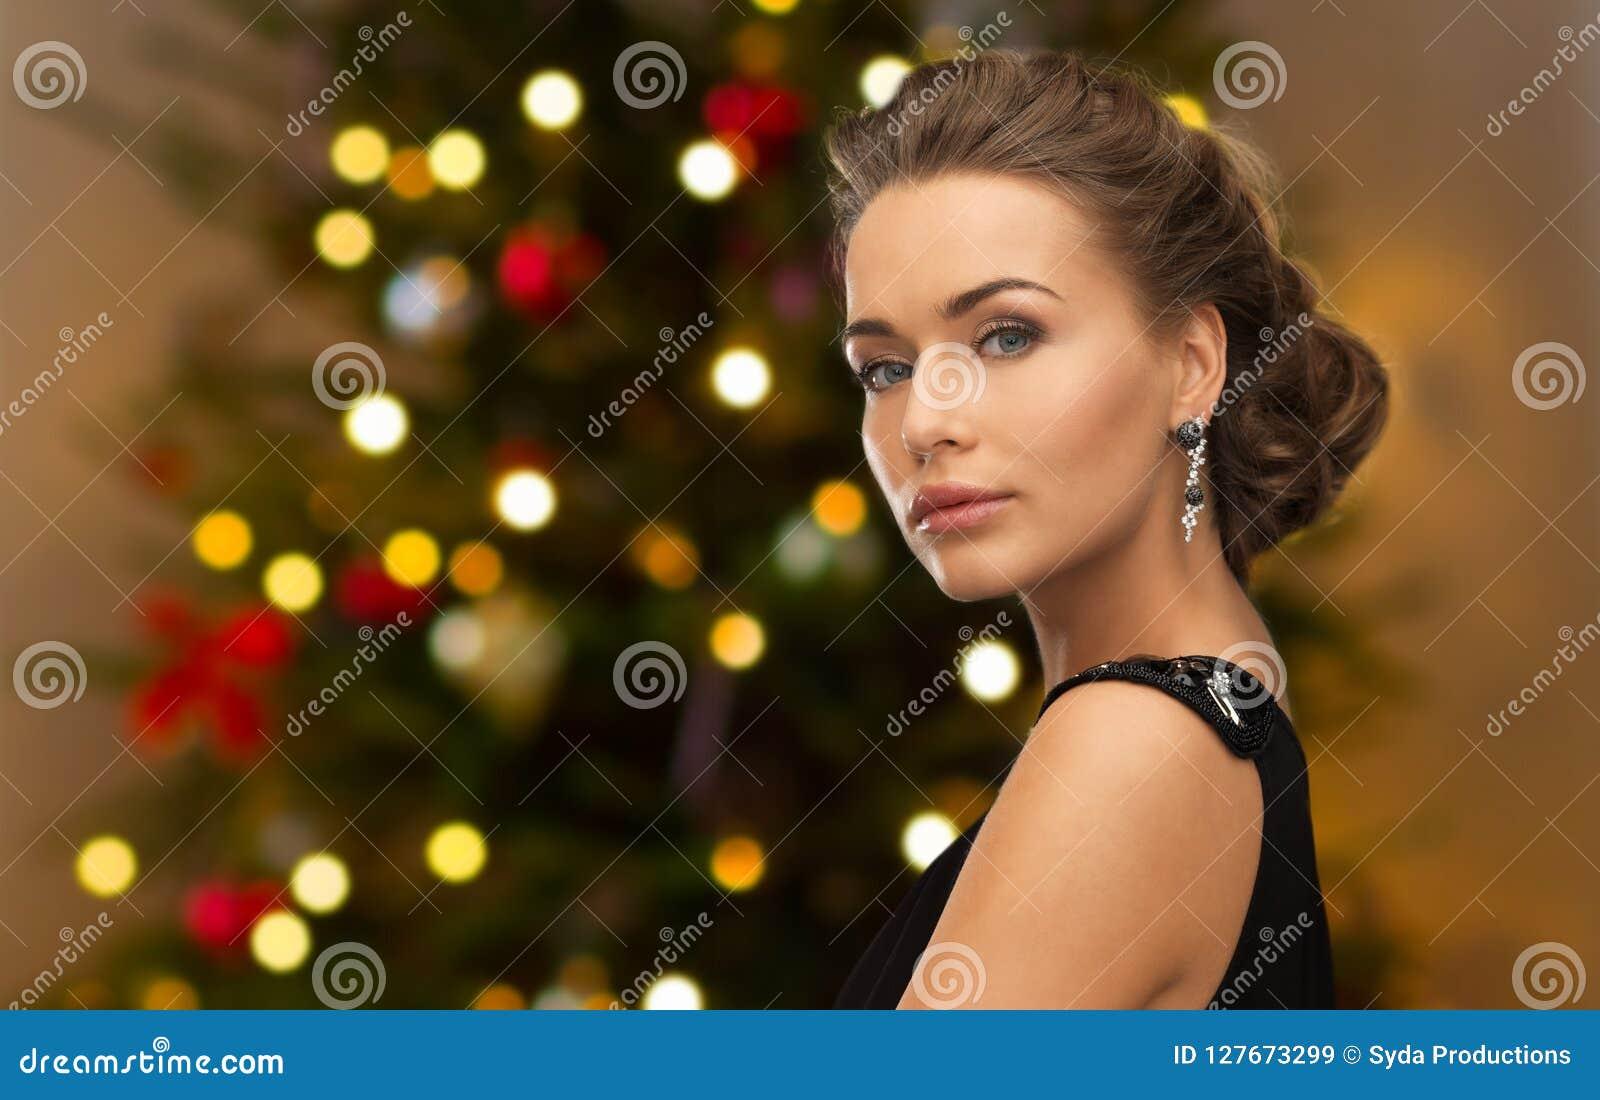 有金刚石首饰的美丽的妇女在圣诞节